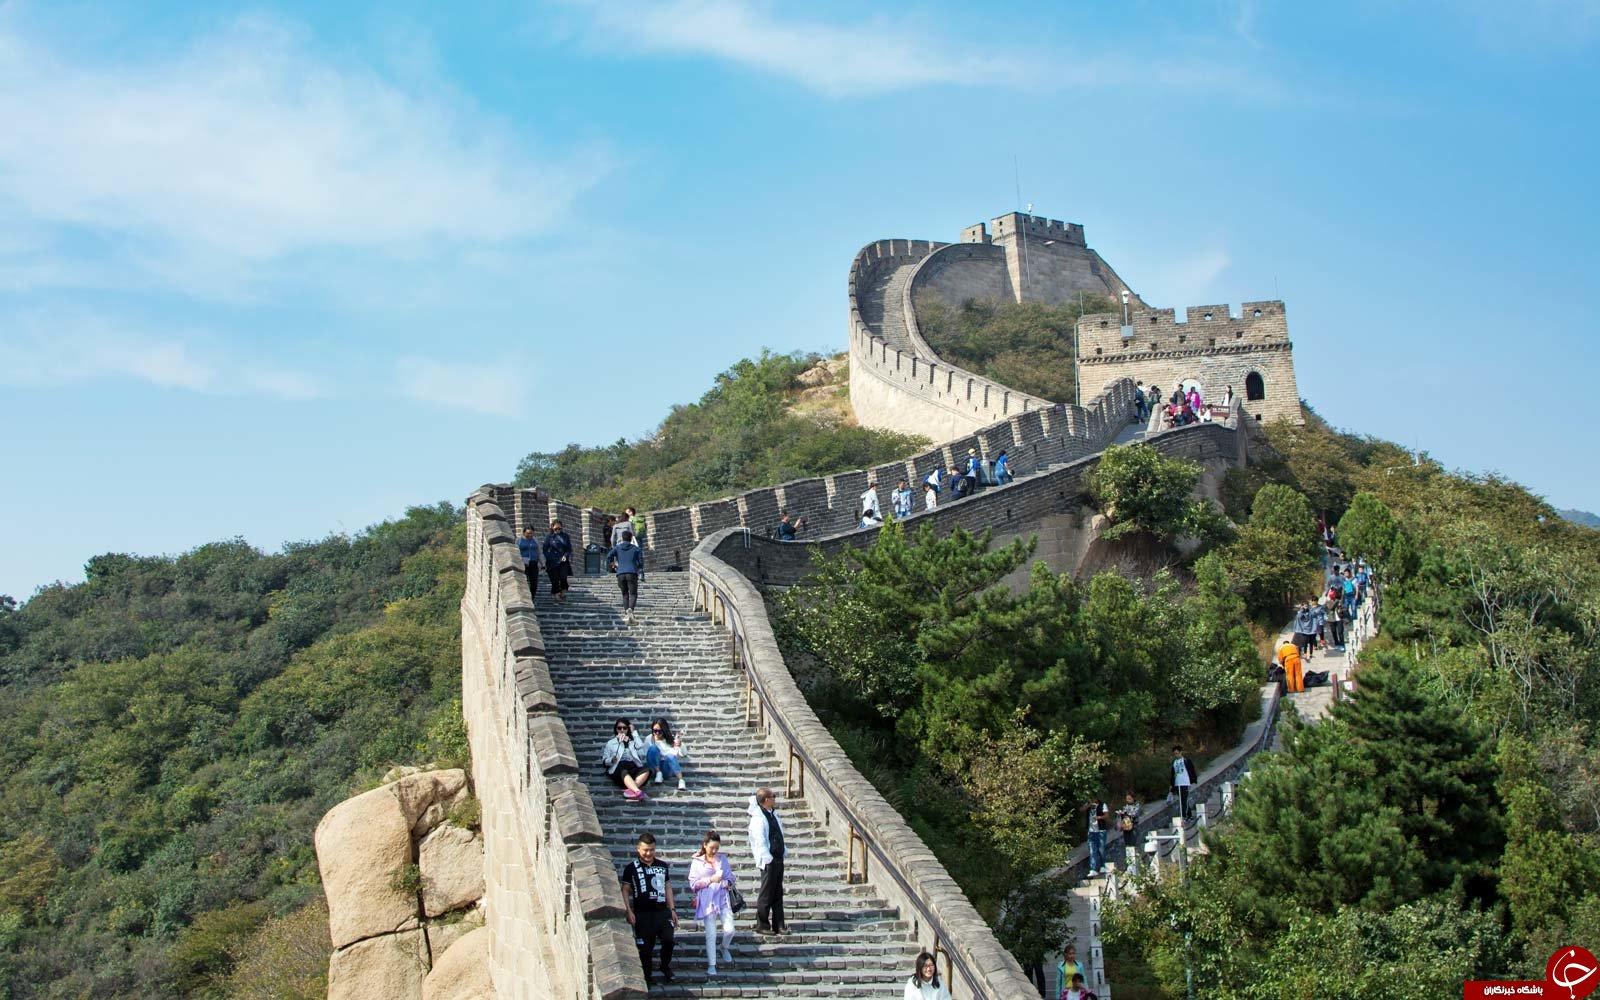 دلیل ساخت دیوار چین و هر آنچه درباره آن نمی دانید! / چرا دیوار چین ساخته شد؟ + حقایقی درباره آن